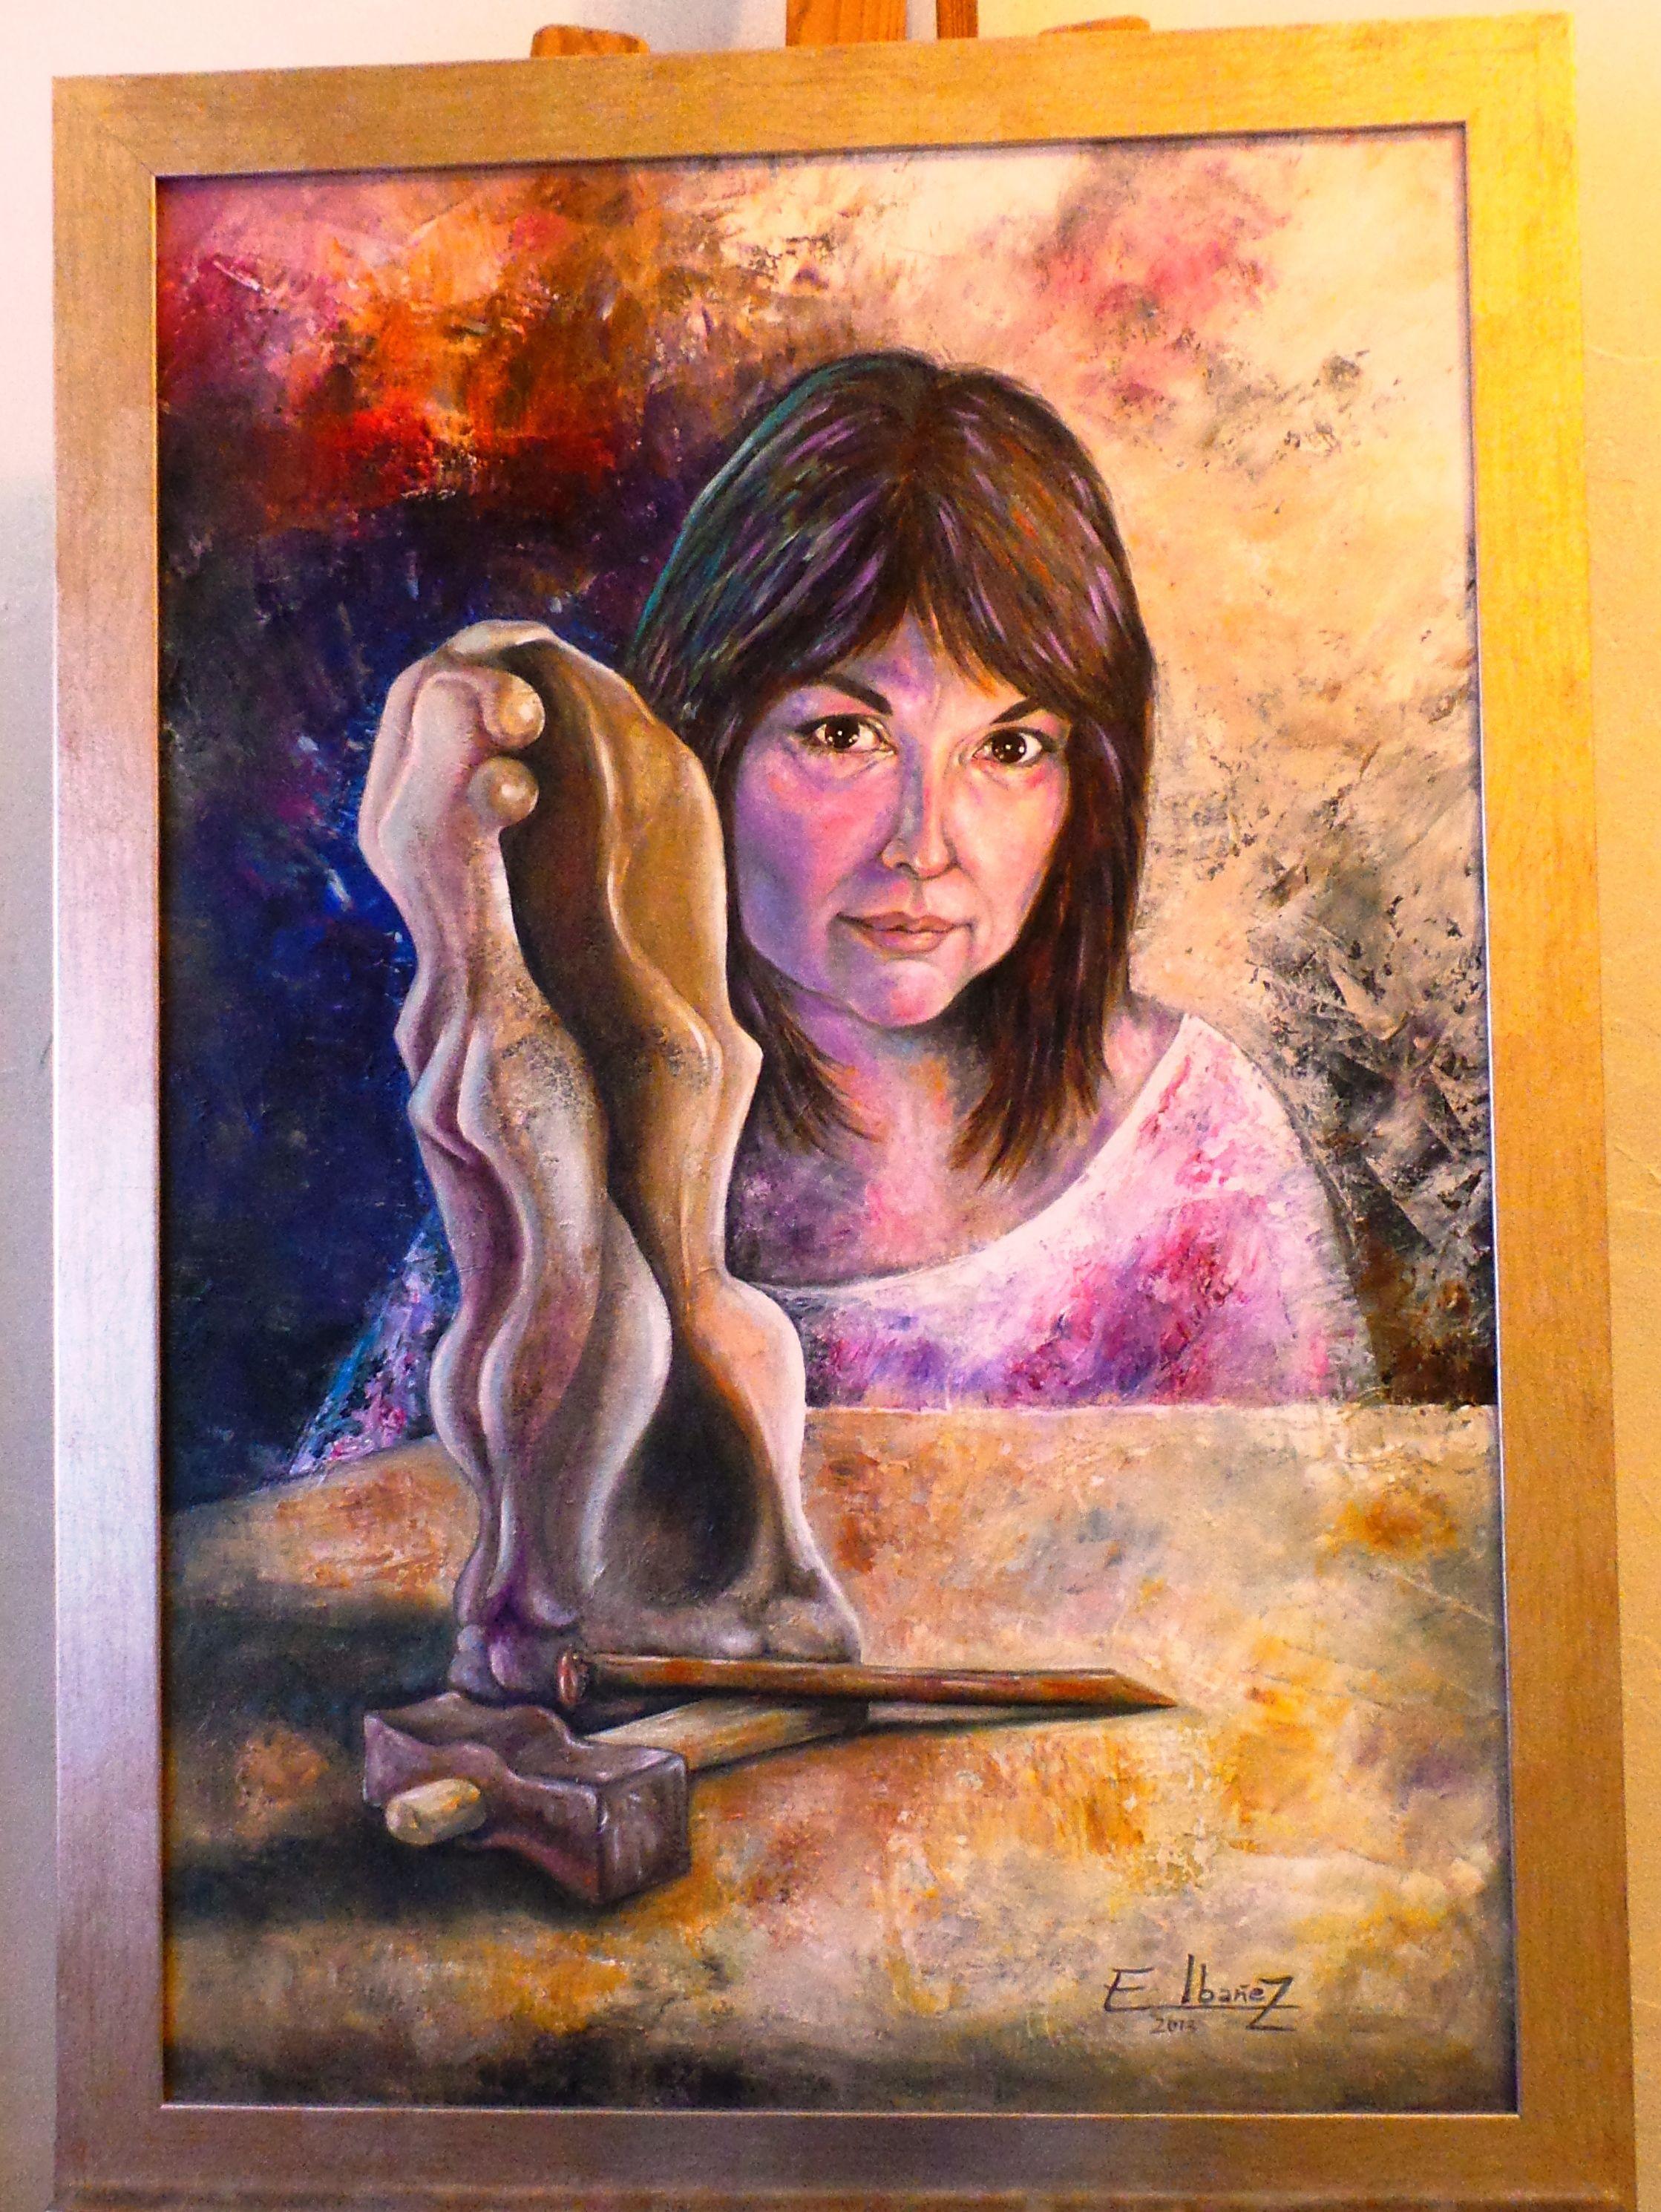 Obra con la que participé en la exposición colectiva del Autorretrato con la Asociación de Artistas Alicantinos